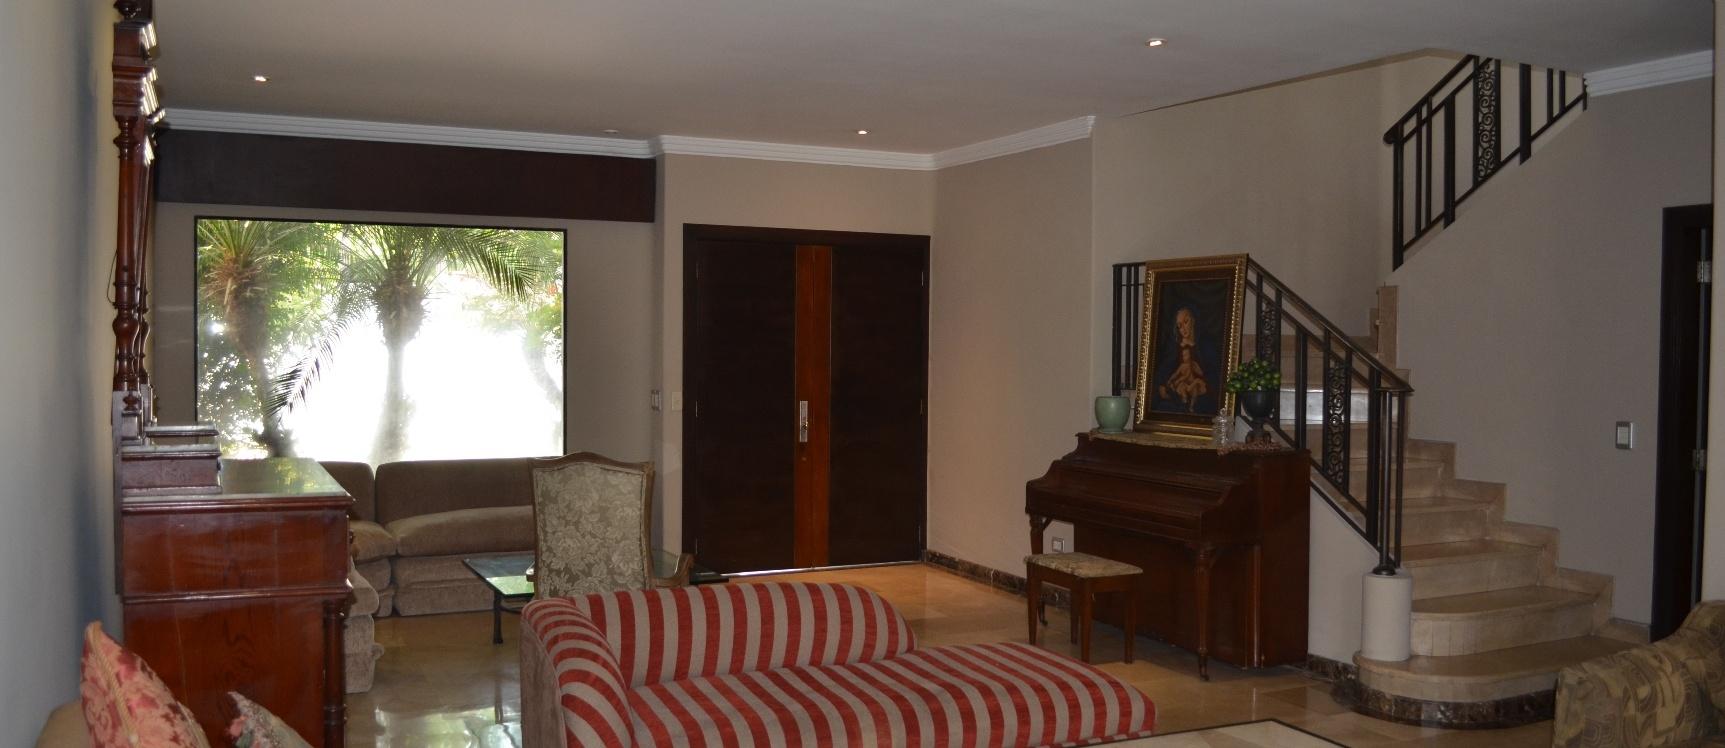 GeoBienes - Casa en alquiler en urbanización Rio Grande - Samborondon    - Plusvalia Guayaquil Casas de venta y alquiler Inmobiliaria Ecuador